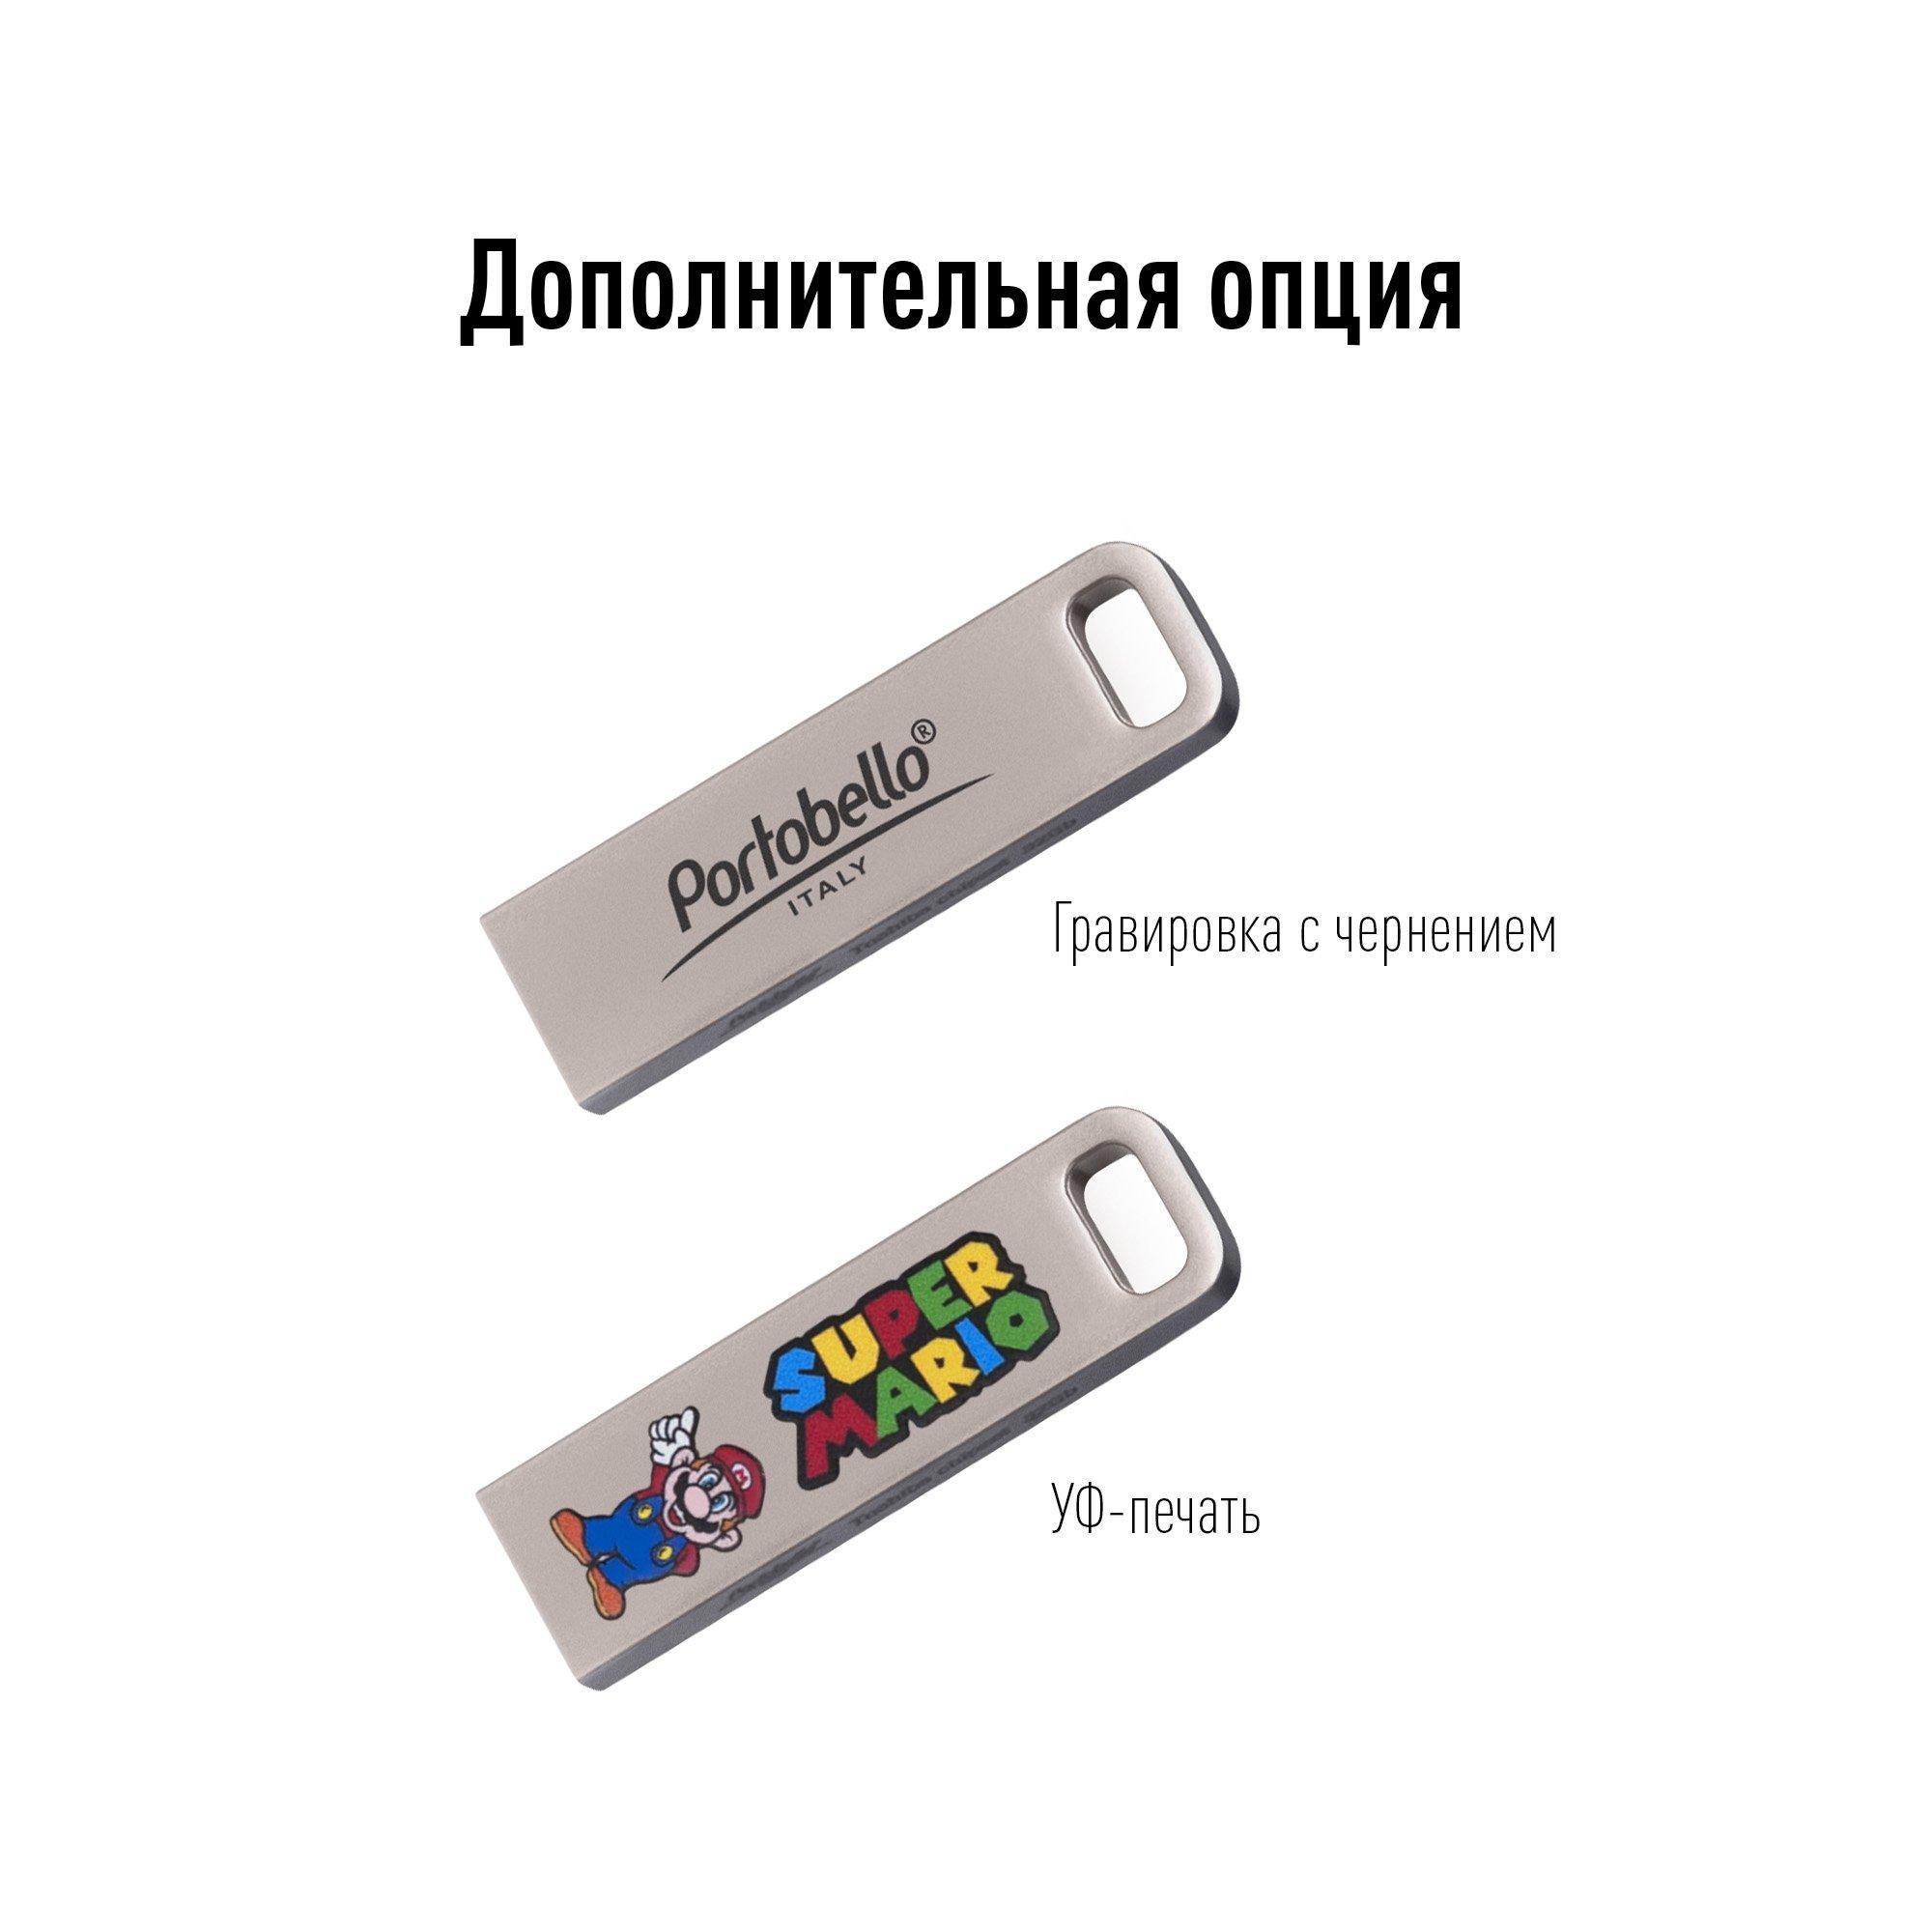 USB Флешка, Flash, 32 Gb, серебряный, серебряный,